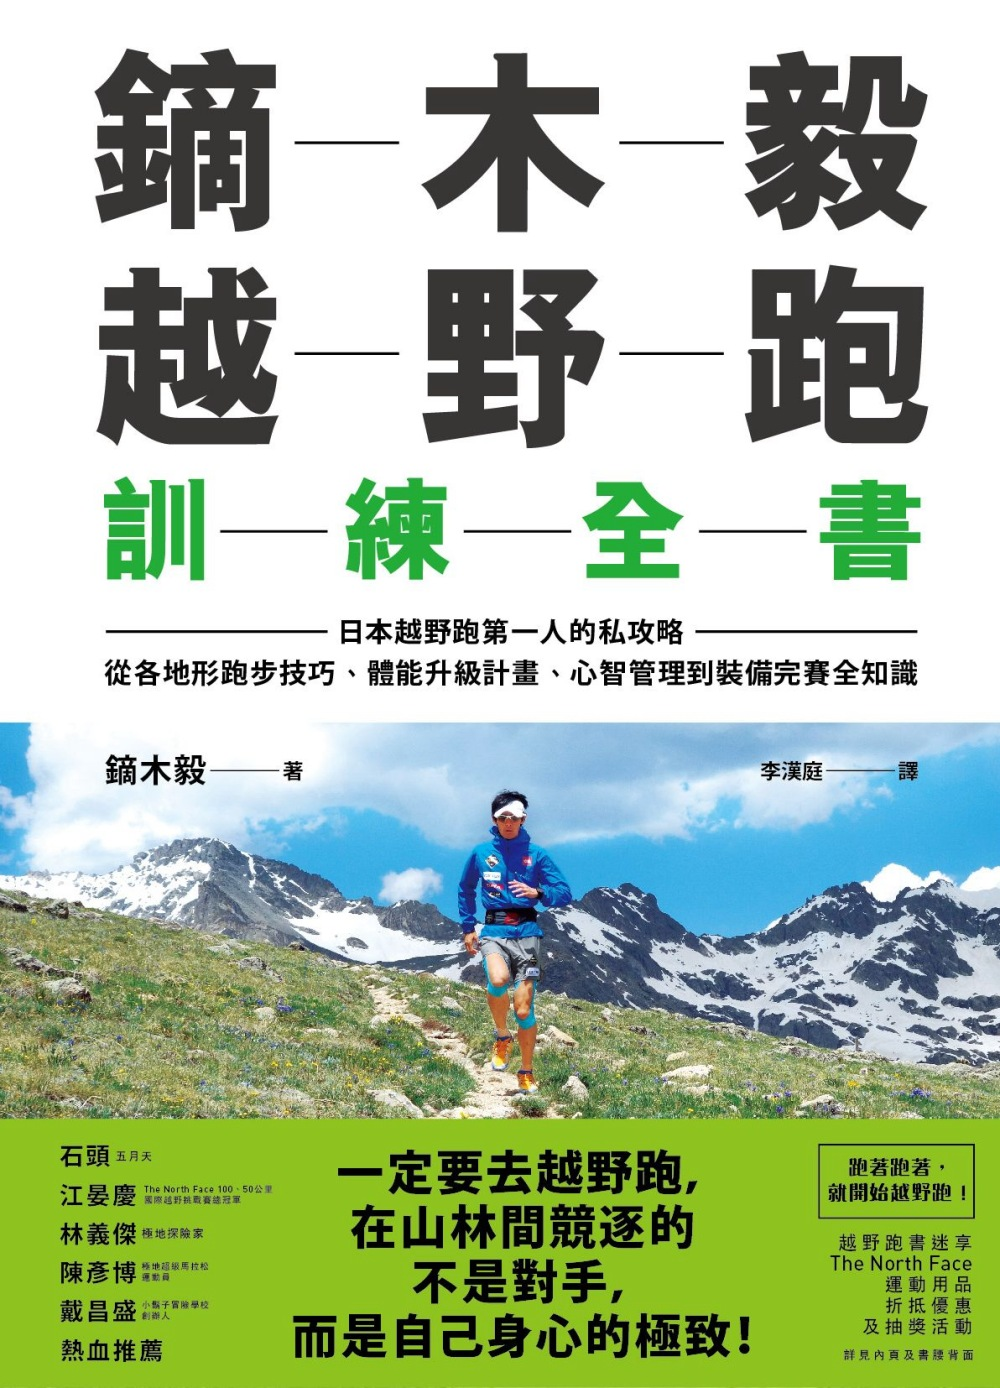 鏑木毅越野跑訓練全書:日本越野跑第一人的私攻略,從各地形跑步技巧、體能升級計畫、心智管理到裝備完賽全知識(作者限量簽名版)